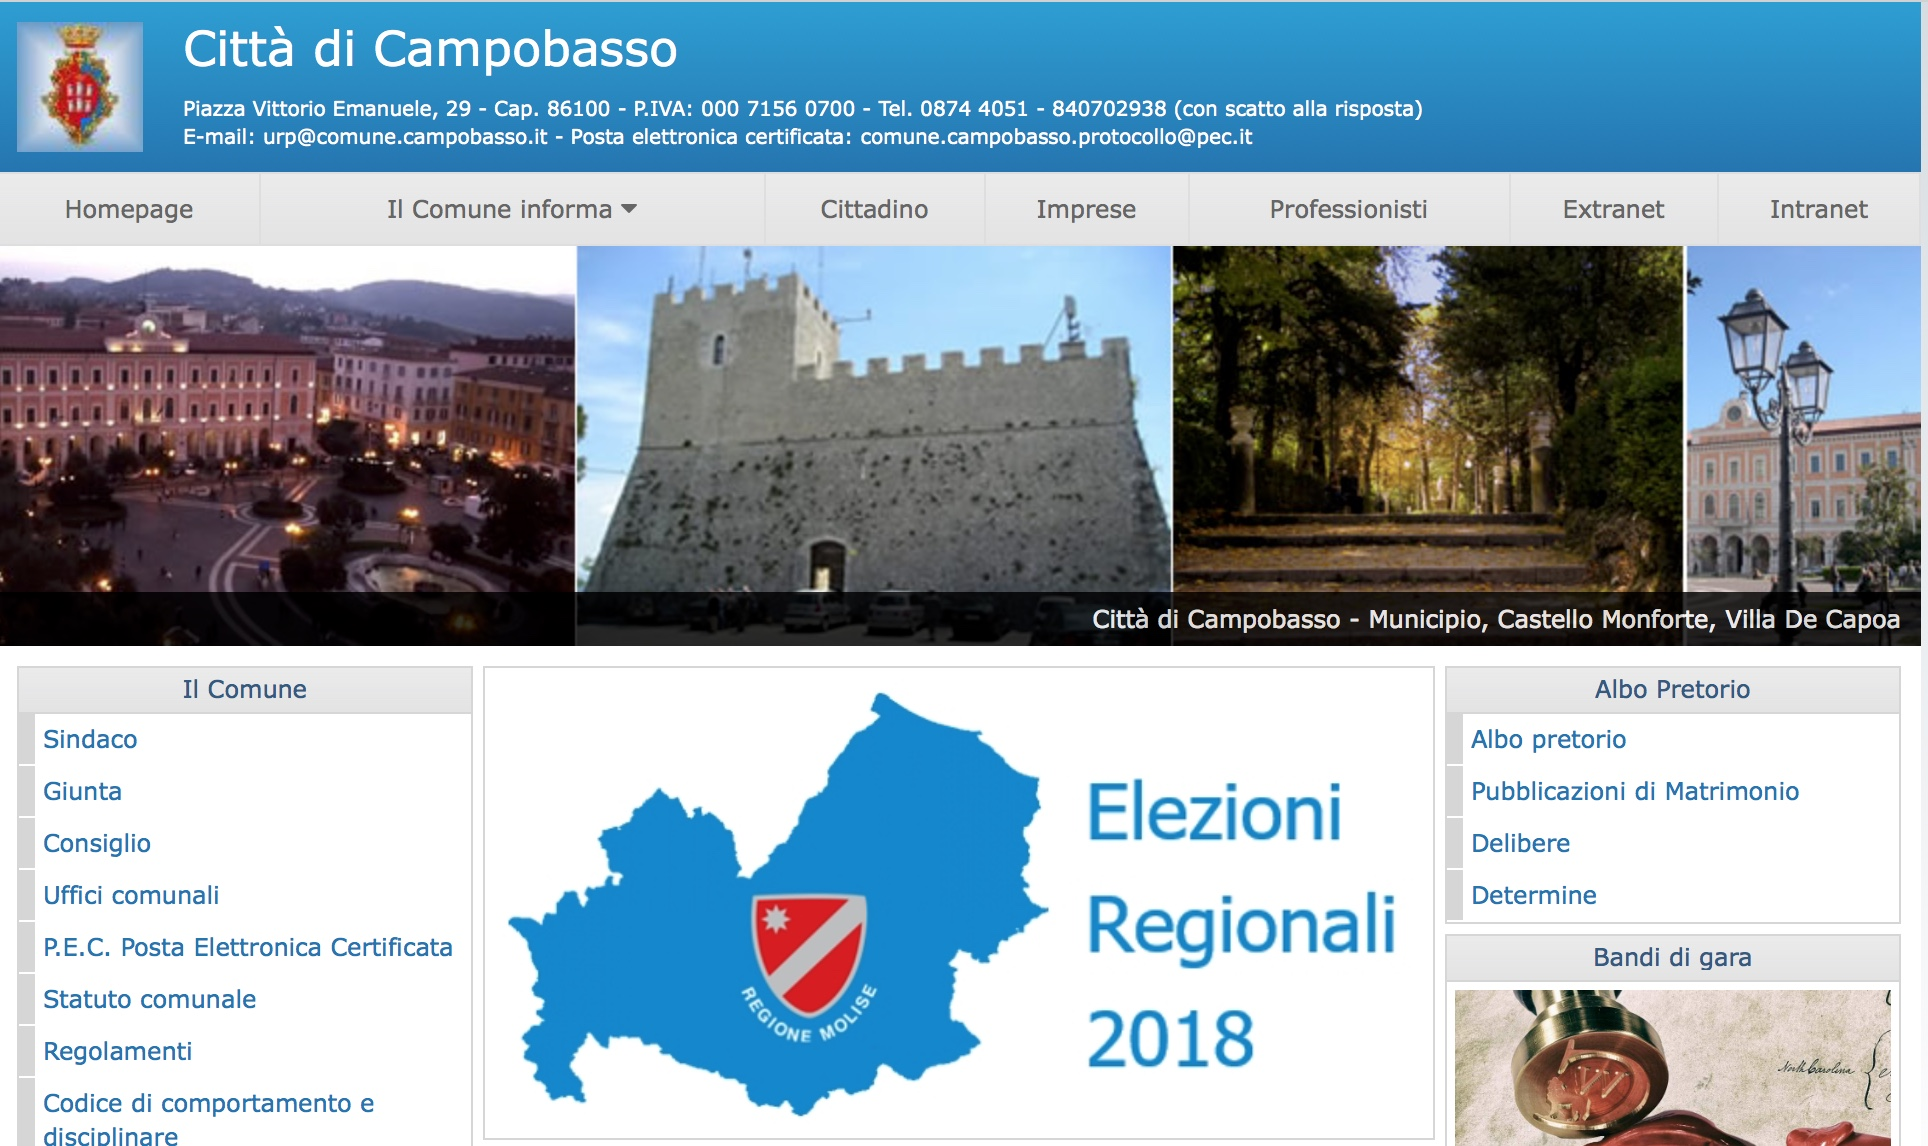 Elezioni, le informazioni riguardanti i seggi sul sito ufficiale del Comune di Campobasso